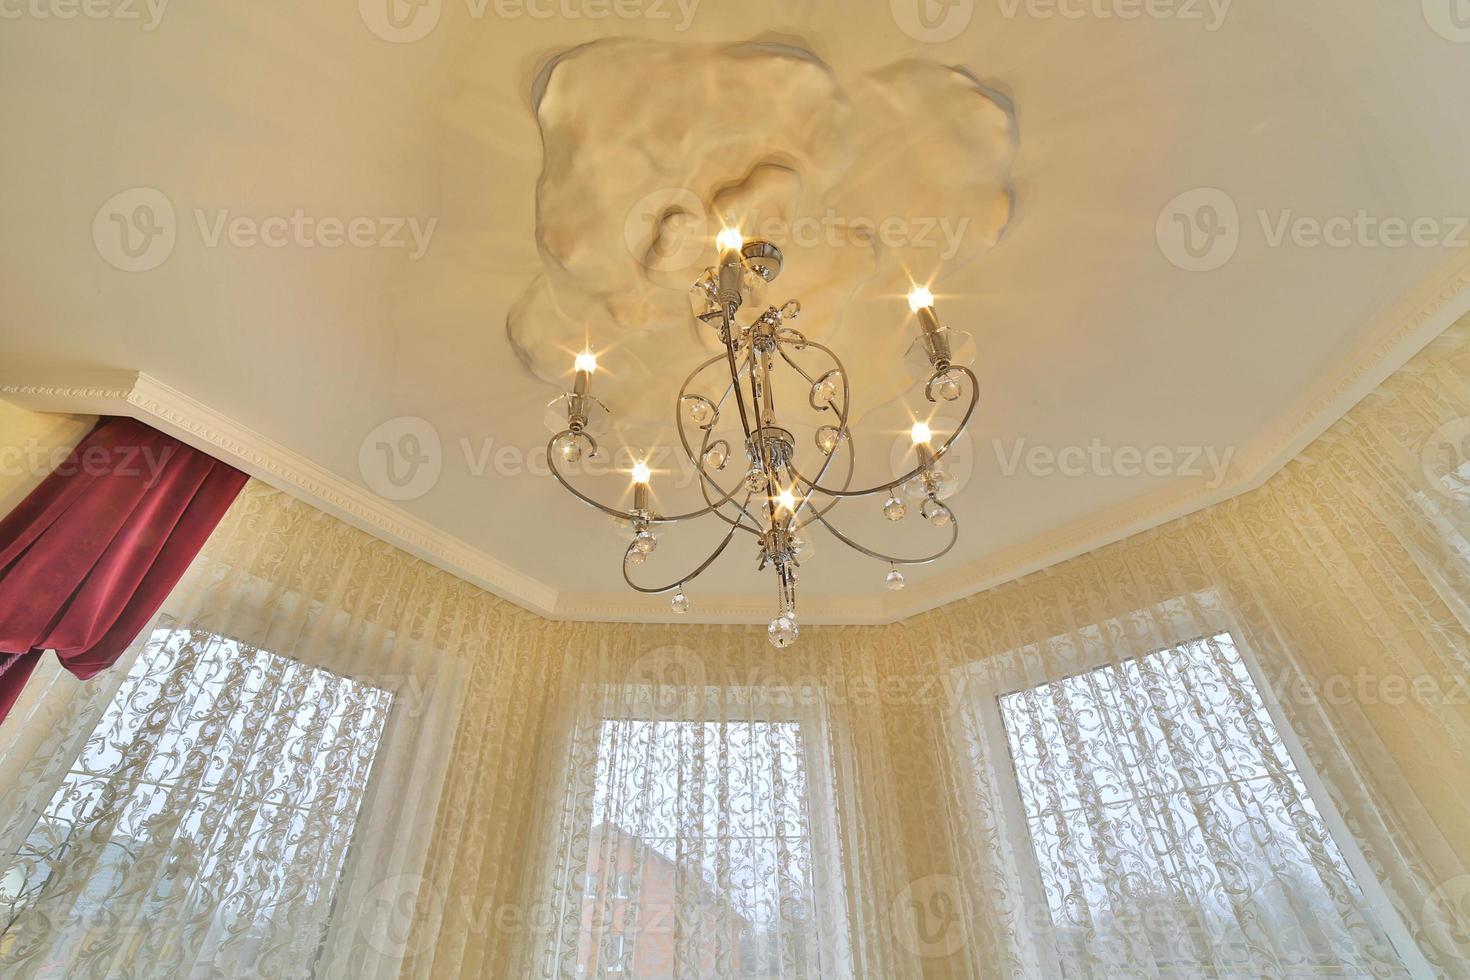 närbild på kristall av modern ljuskrona, är en grenad prydnadsarmatur designad för att monteras på tak eller väggar. vintage ljuskrona. foto